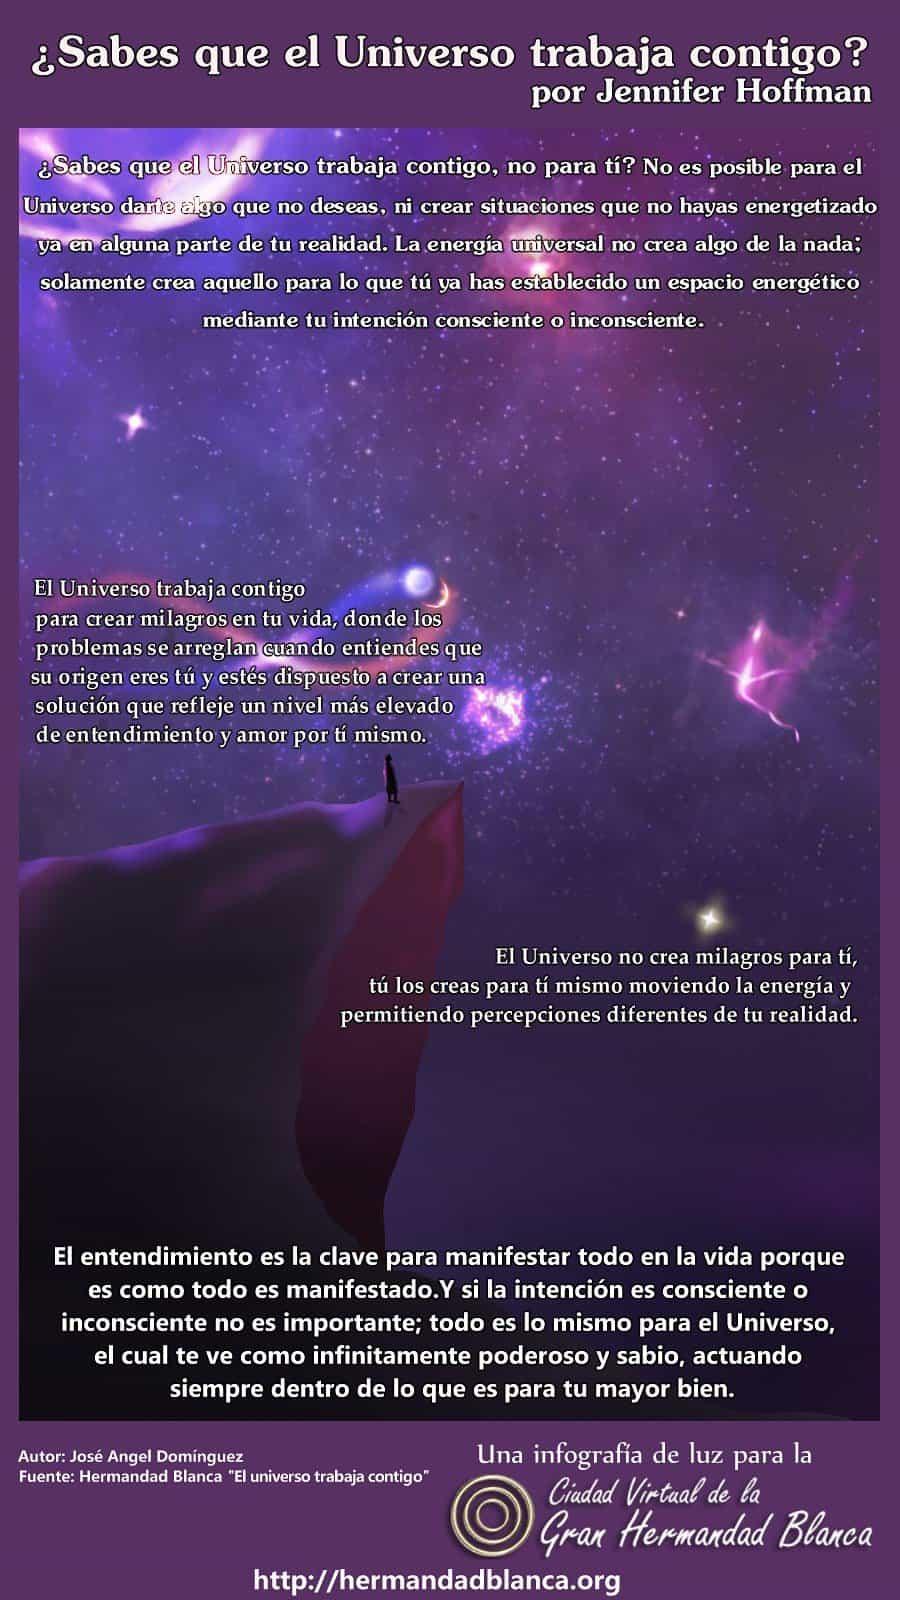 https://hermandadblanca.org/el-universo-trabaja-contigo/